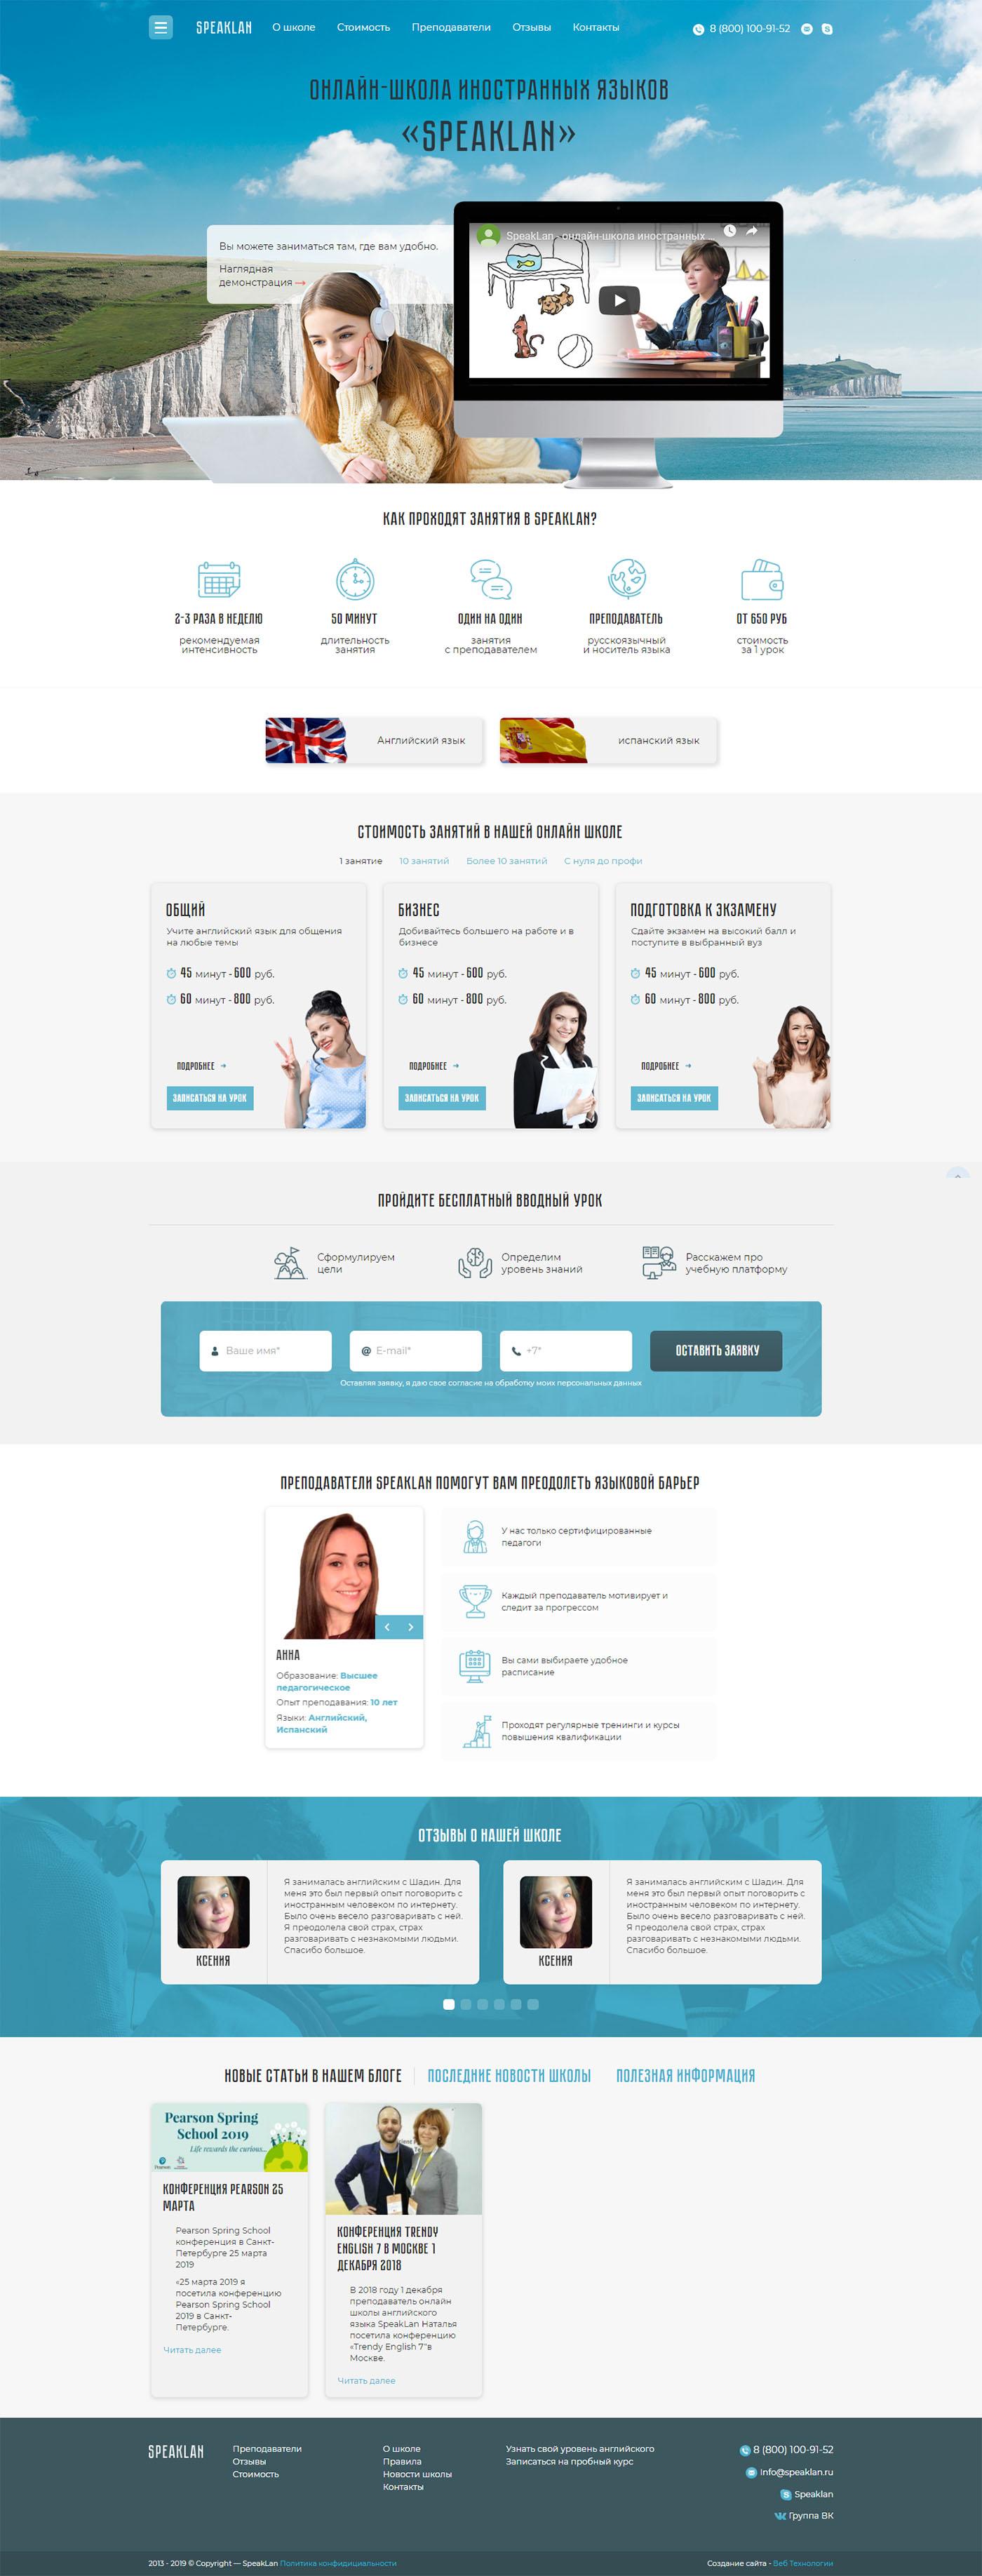 Сайт онлайн-школы иностранных языков «Speaklan»